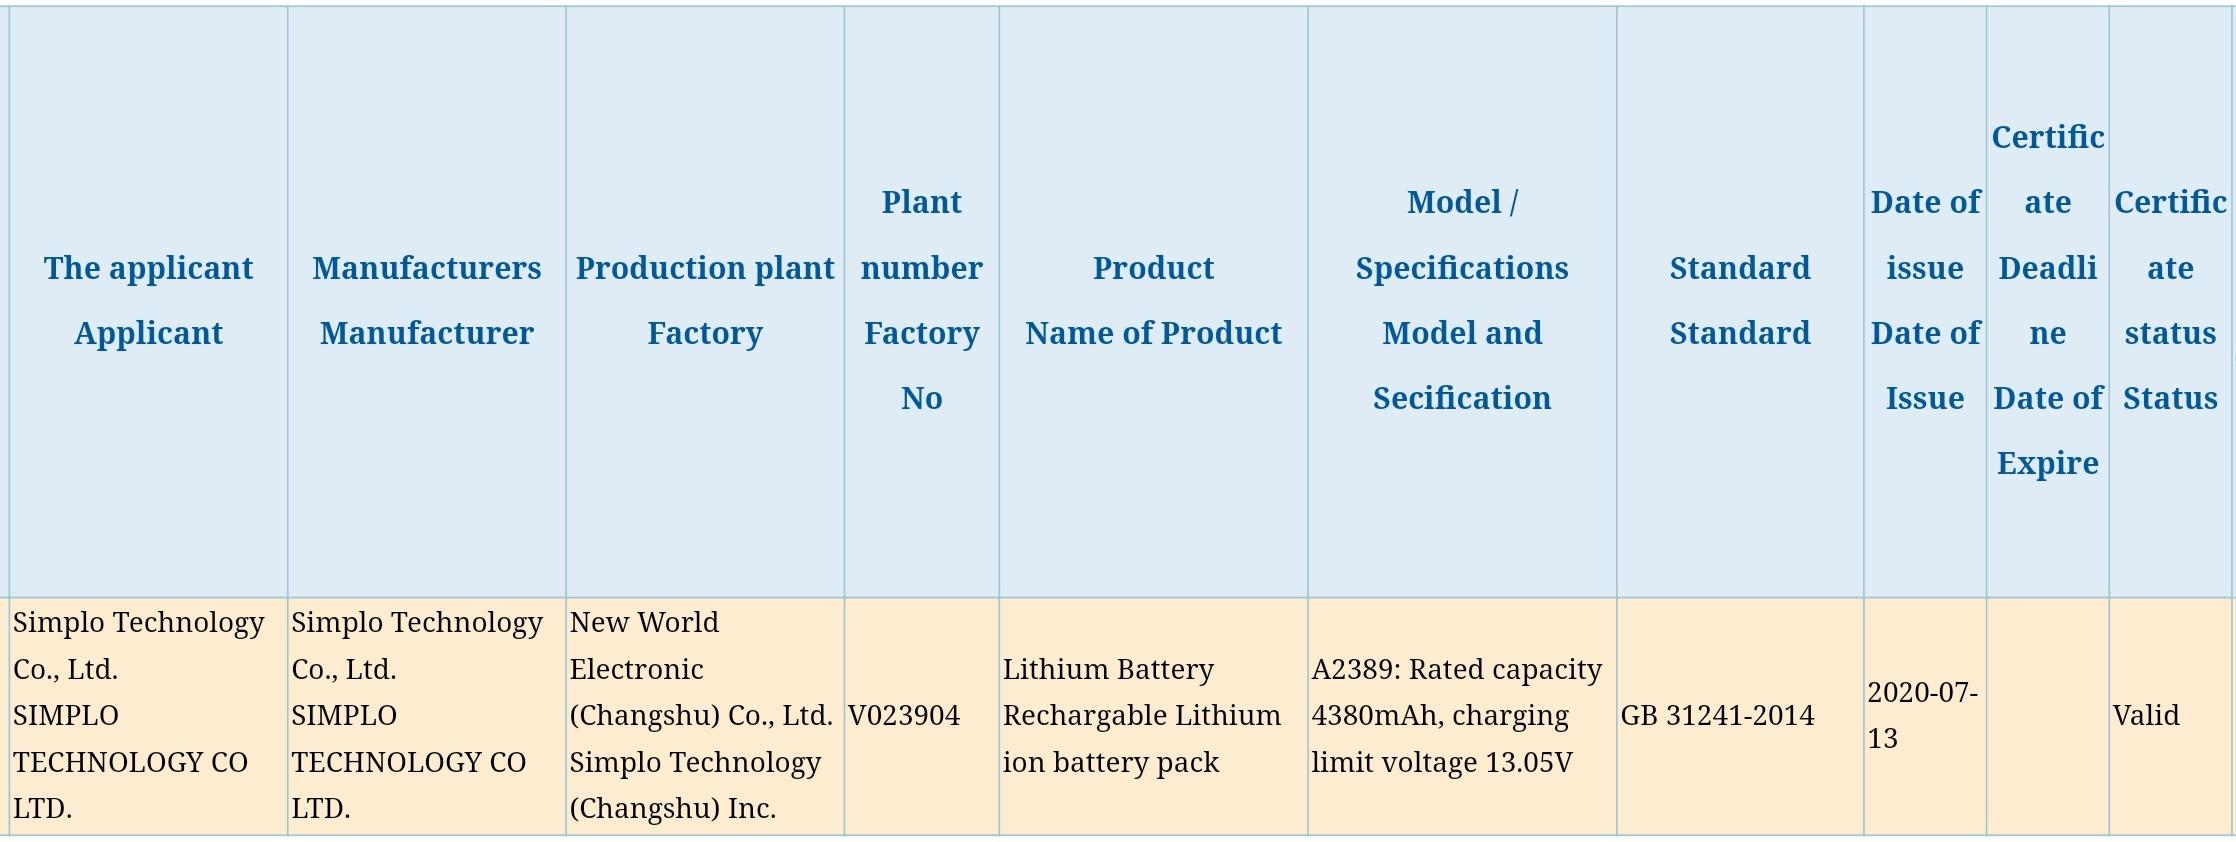 bateria w Apple iPhone 12 Pro Max specyfukacja dane techniczne plotki przecieki wycieki